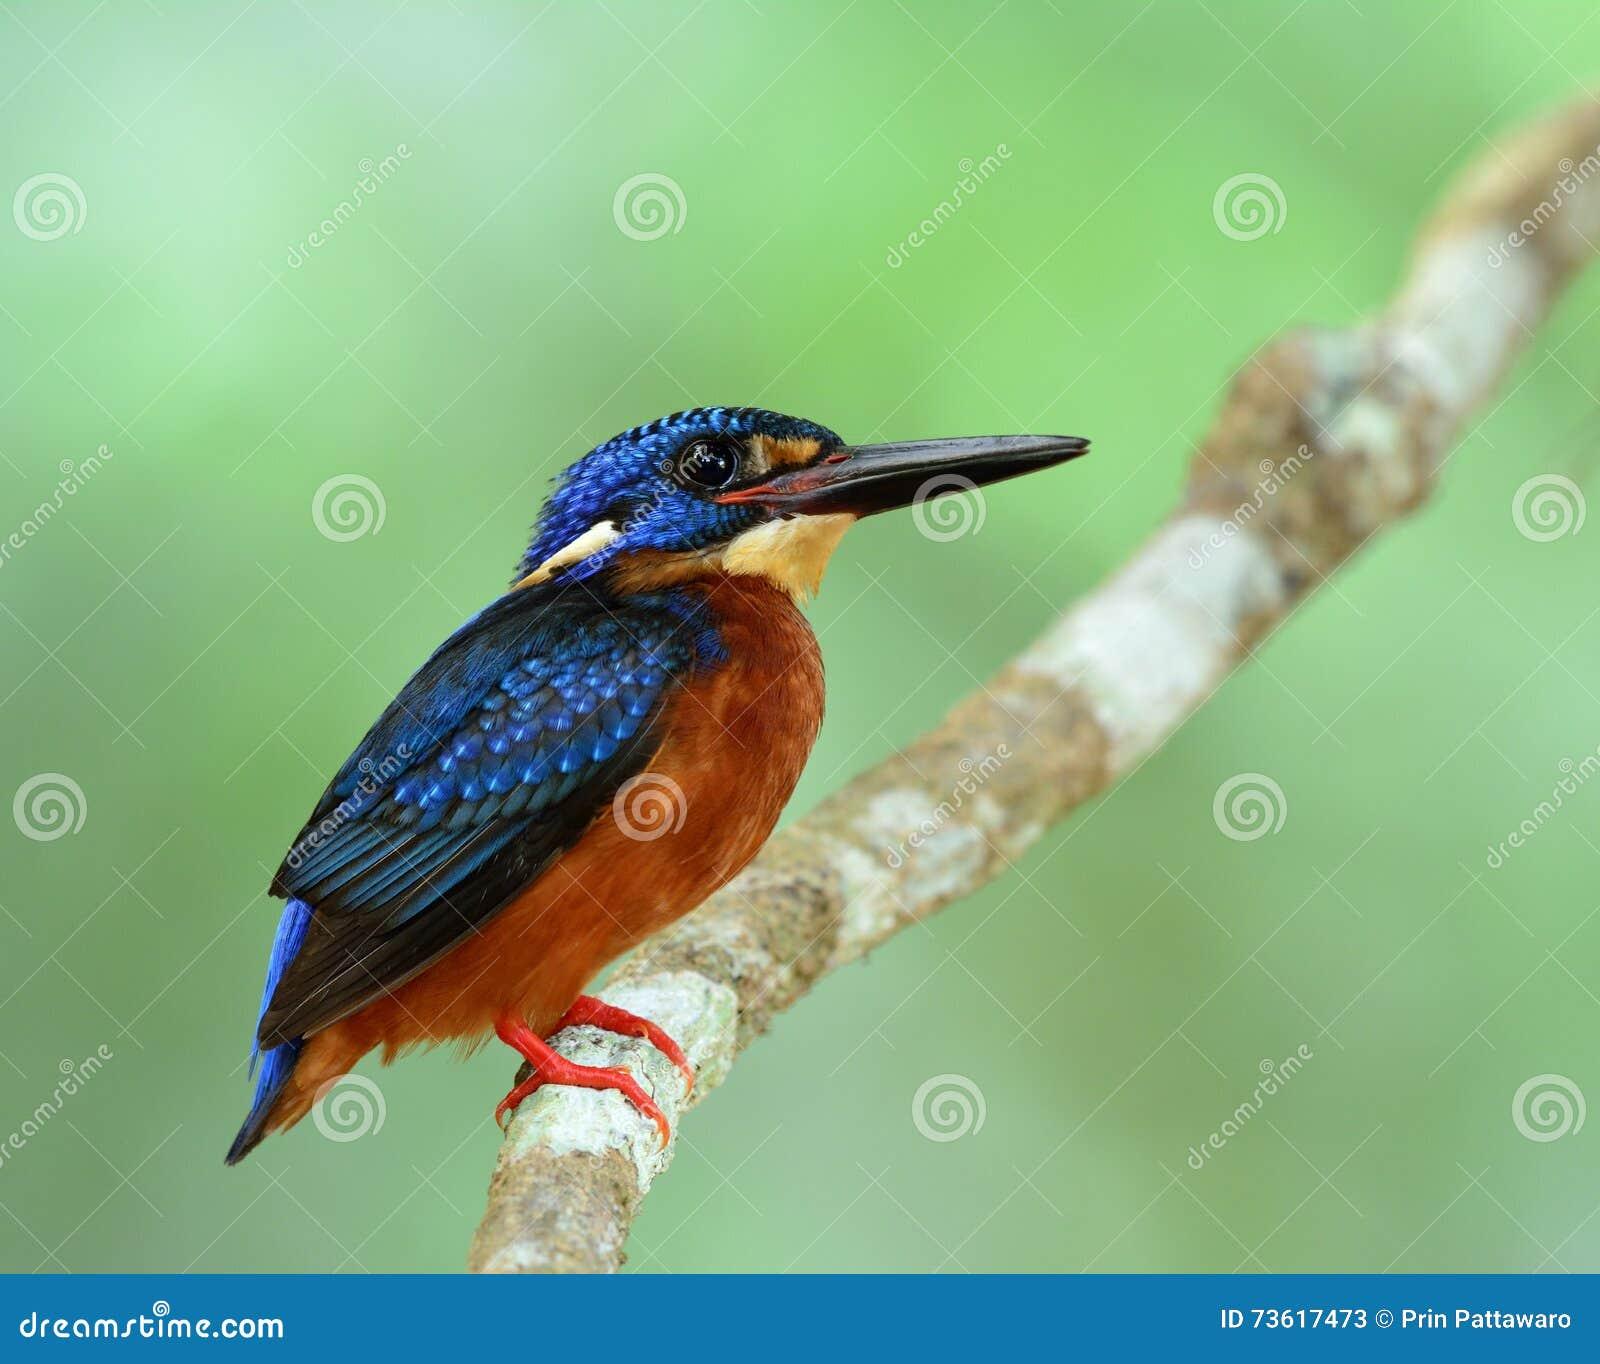 Martín pescador Azul-espigado (Alcedo meninting) el poco azul rechoncho